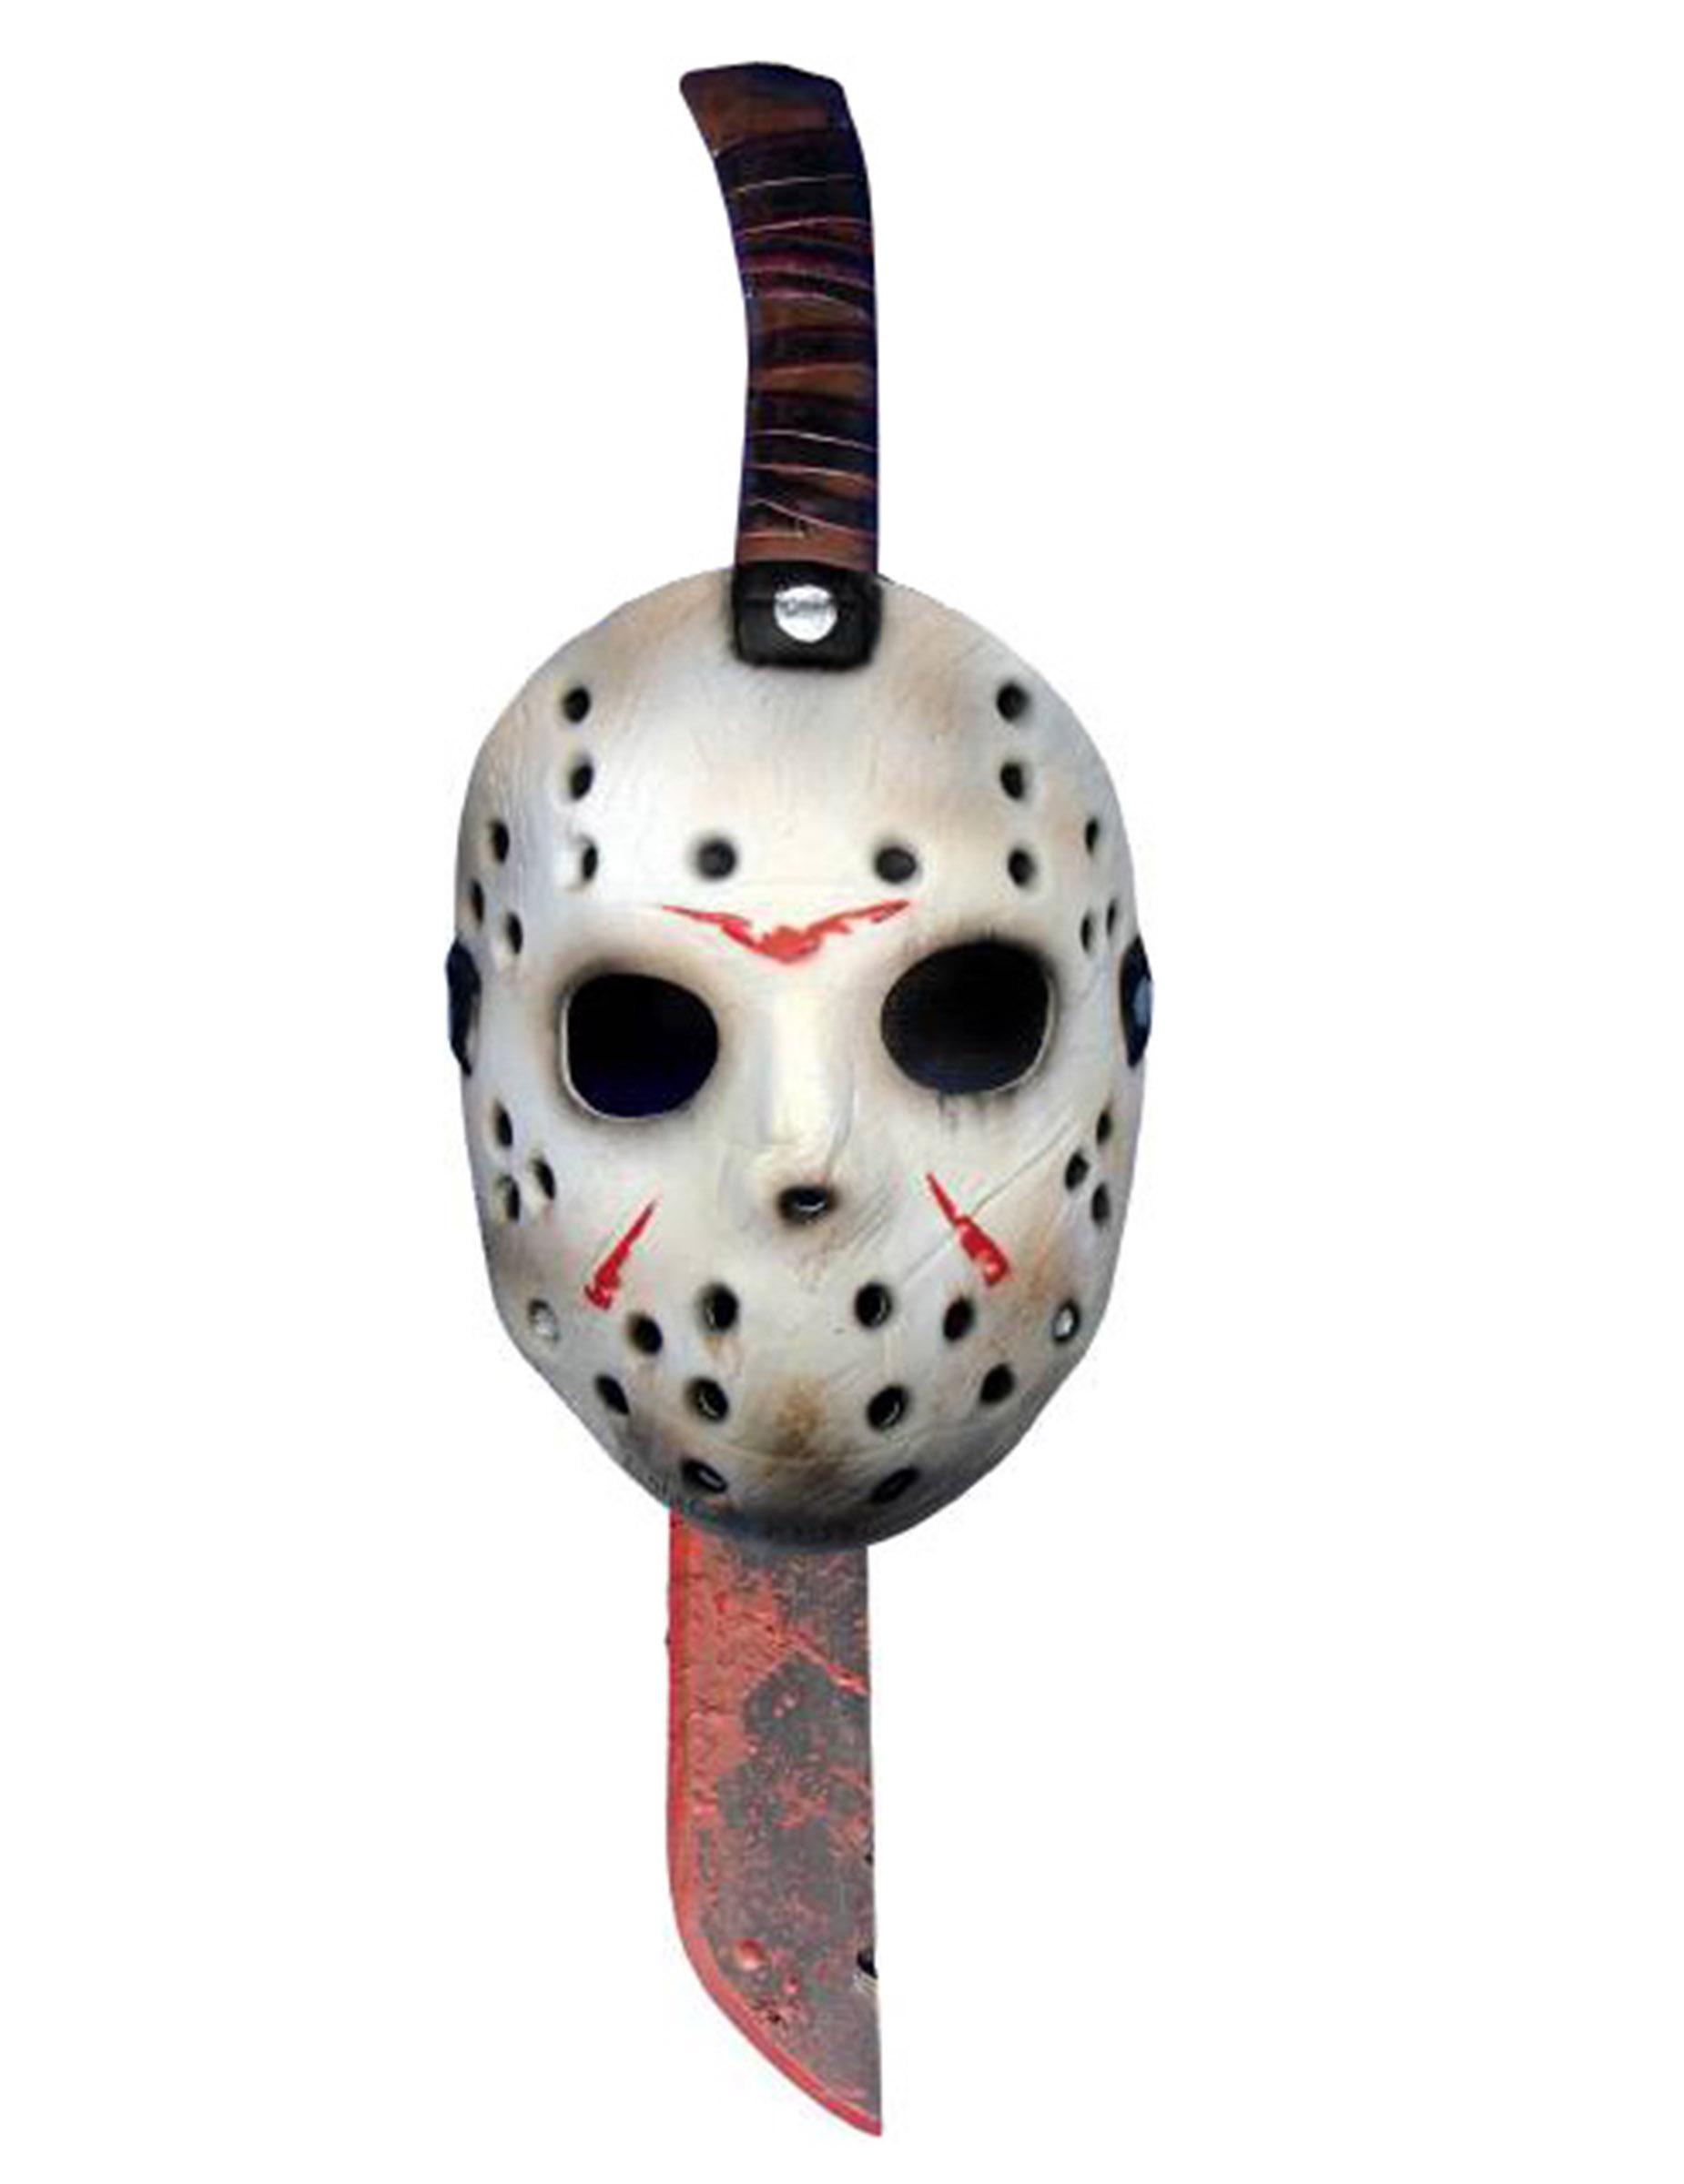 Maske und Machete von Jason aus Freitag der 13. 40450